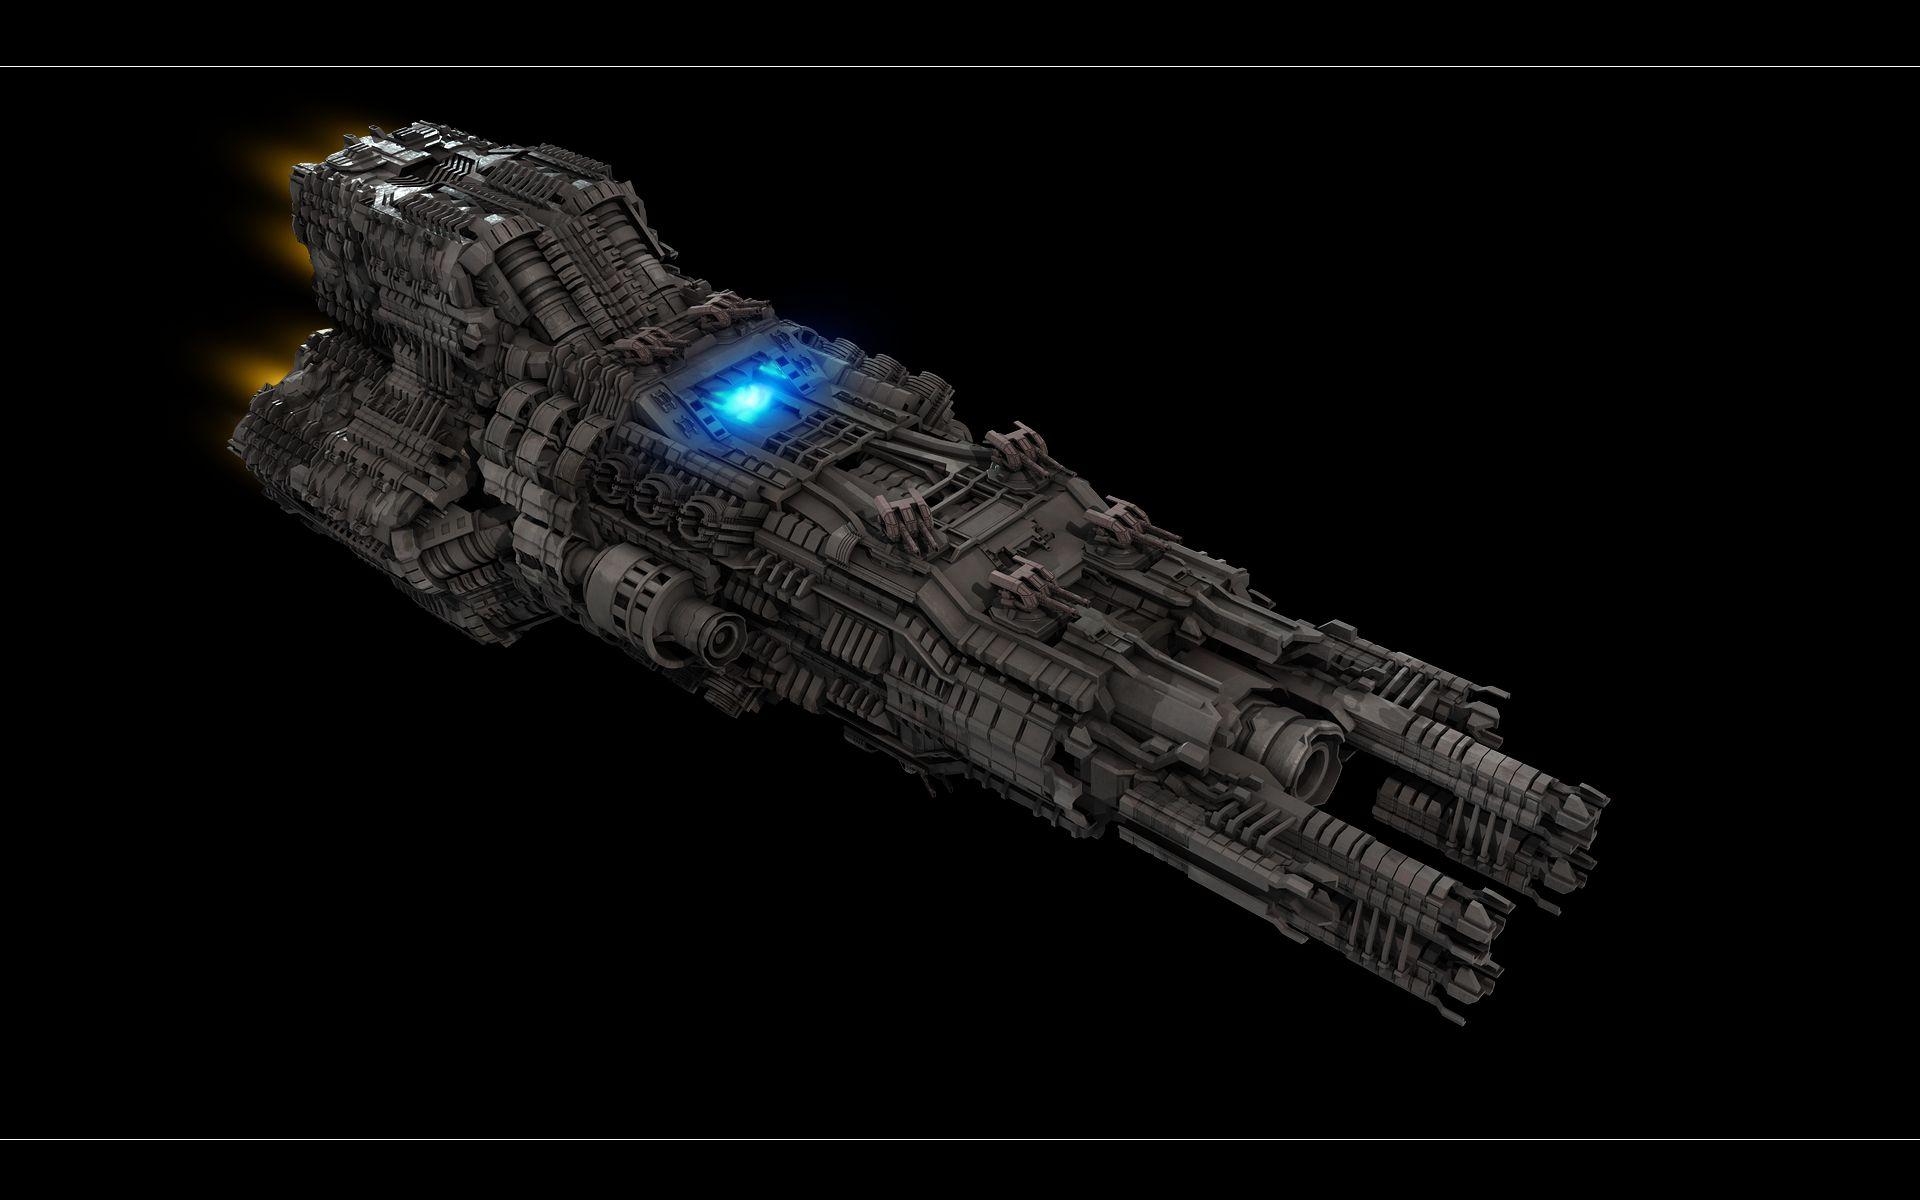 complex spaceship view 1 by ere4s3r on deviantart game art